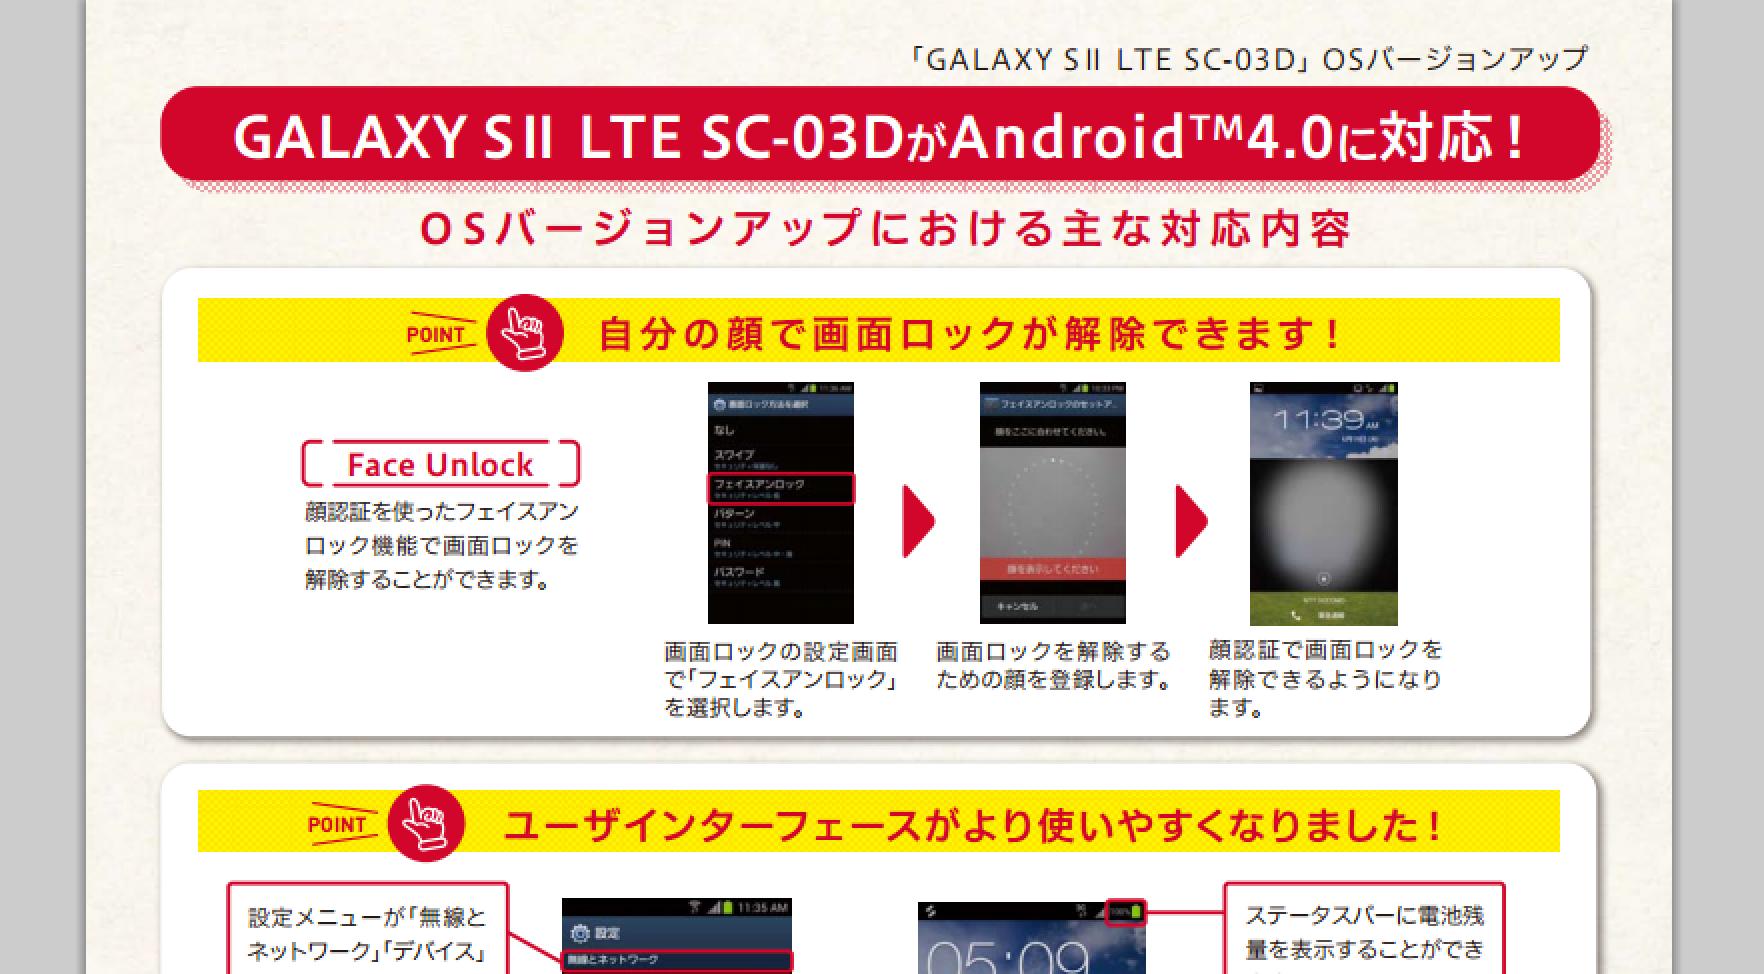 ドコモ、「GALAXY S2 LTE SC-03D」向けにAndroid 4.0へのOSアップデートを提供。